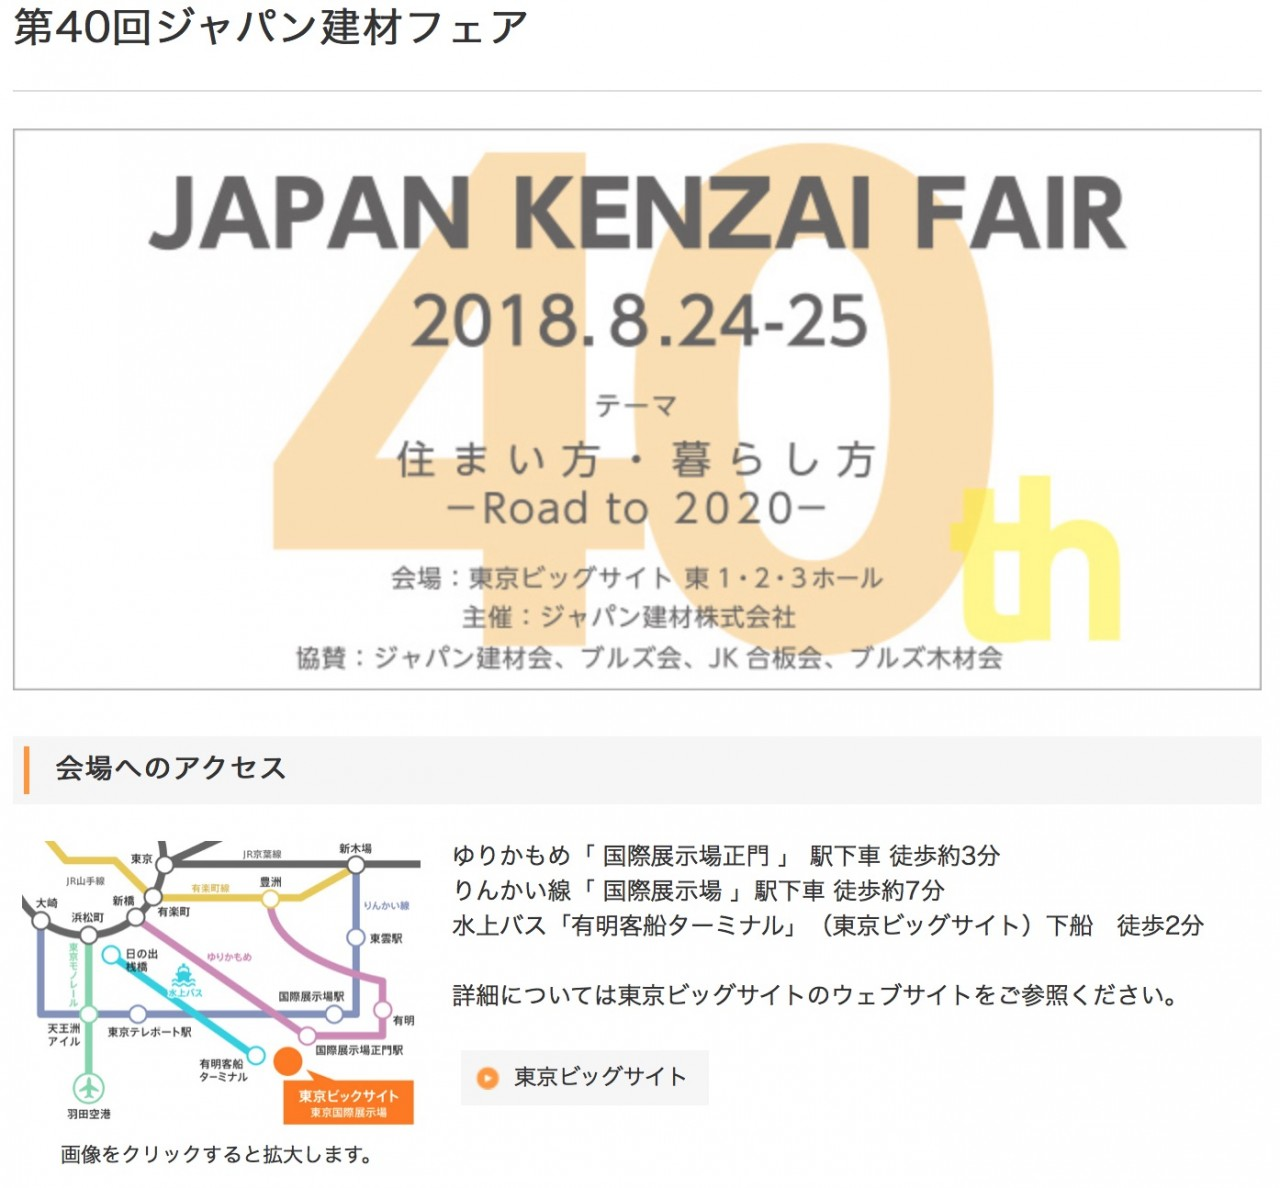 第40回ジャパン建材フェアで登壇します。in 東京ビッグサイト